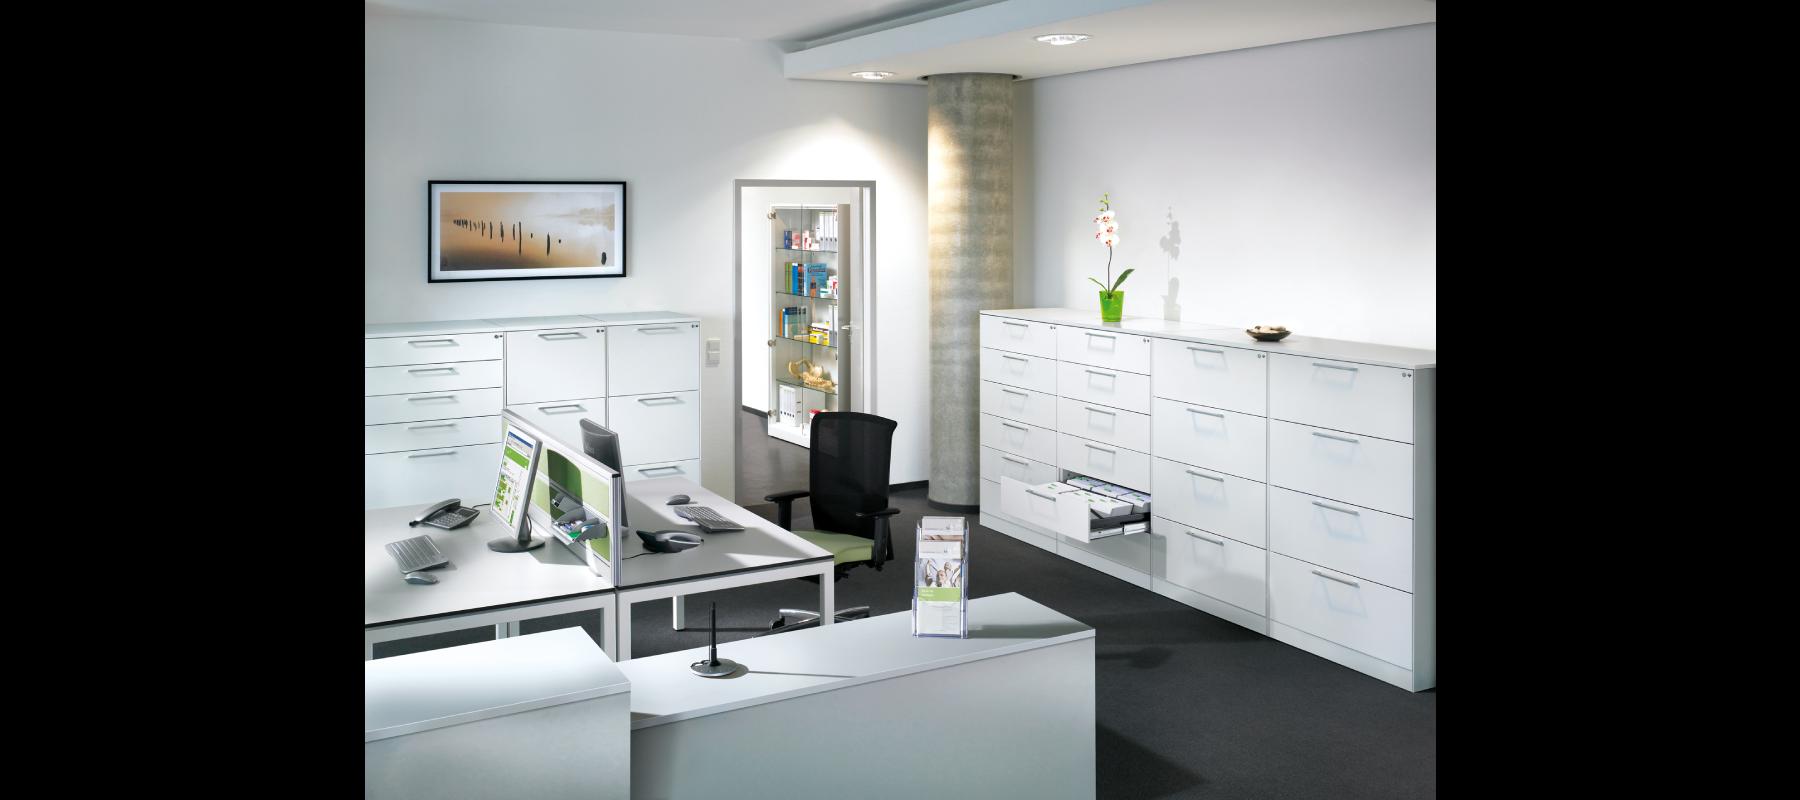 metalowe meble biurowe szafy szufladowe cp aranżacja - 02